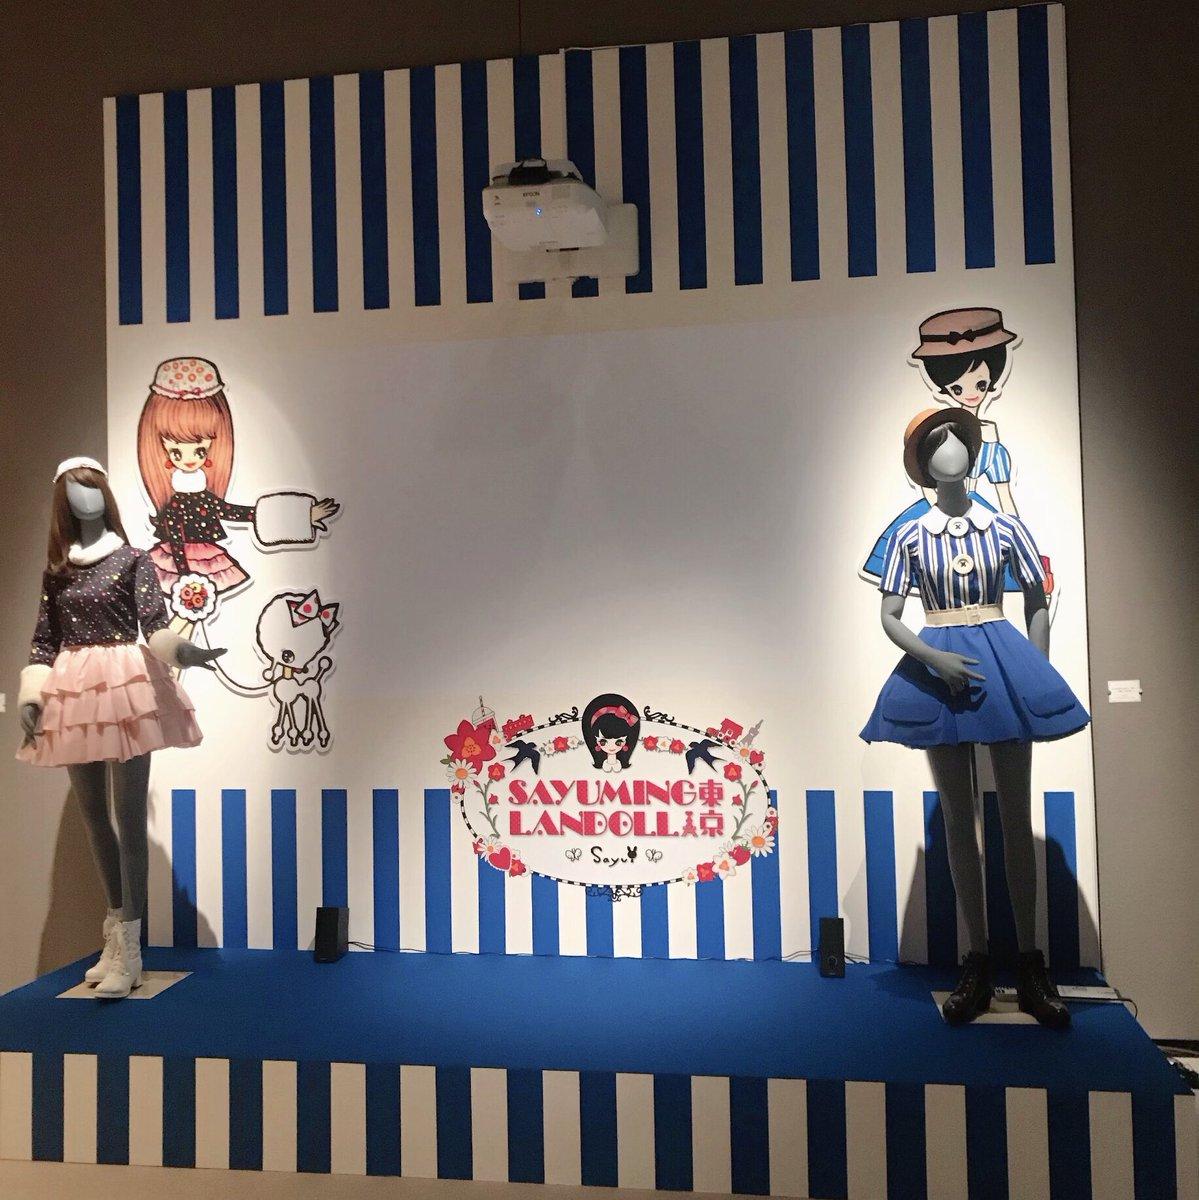 そしてなんと!今回のルネ展の会場には、、、SAYUMINGLANDOLL~東京~で、ルネガールになった私の衣装も展示していただいています!!Blu-rayもずっと流してくださっています!ルネ展に私の映像が流れてるなんて!!とっても感激でした😭